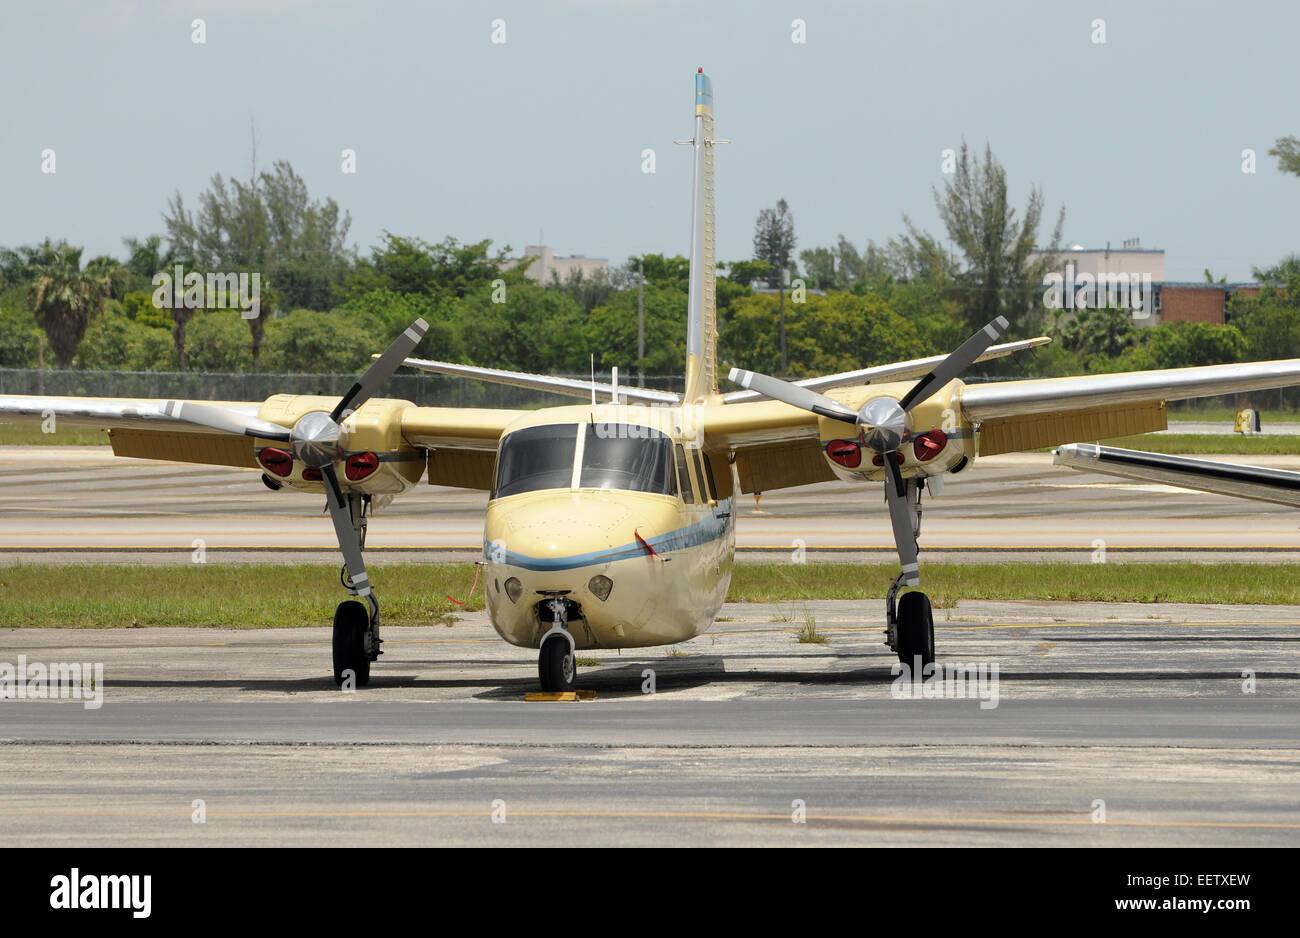 0a8ff4377cae Ancien avion hélice abandonnés sur le terrain Banque D Images, Photo ...